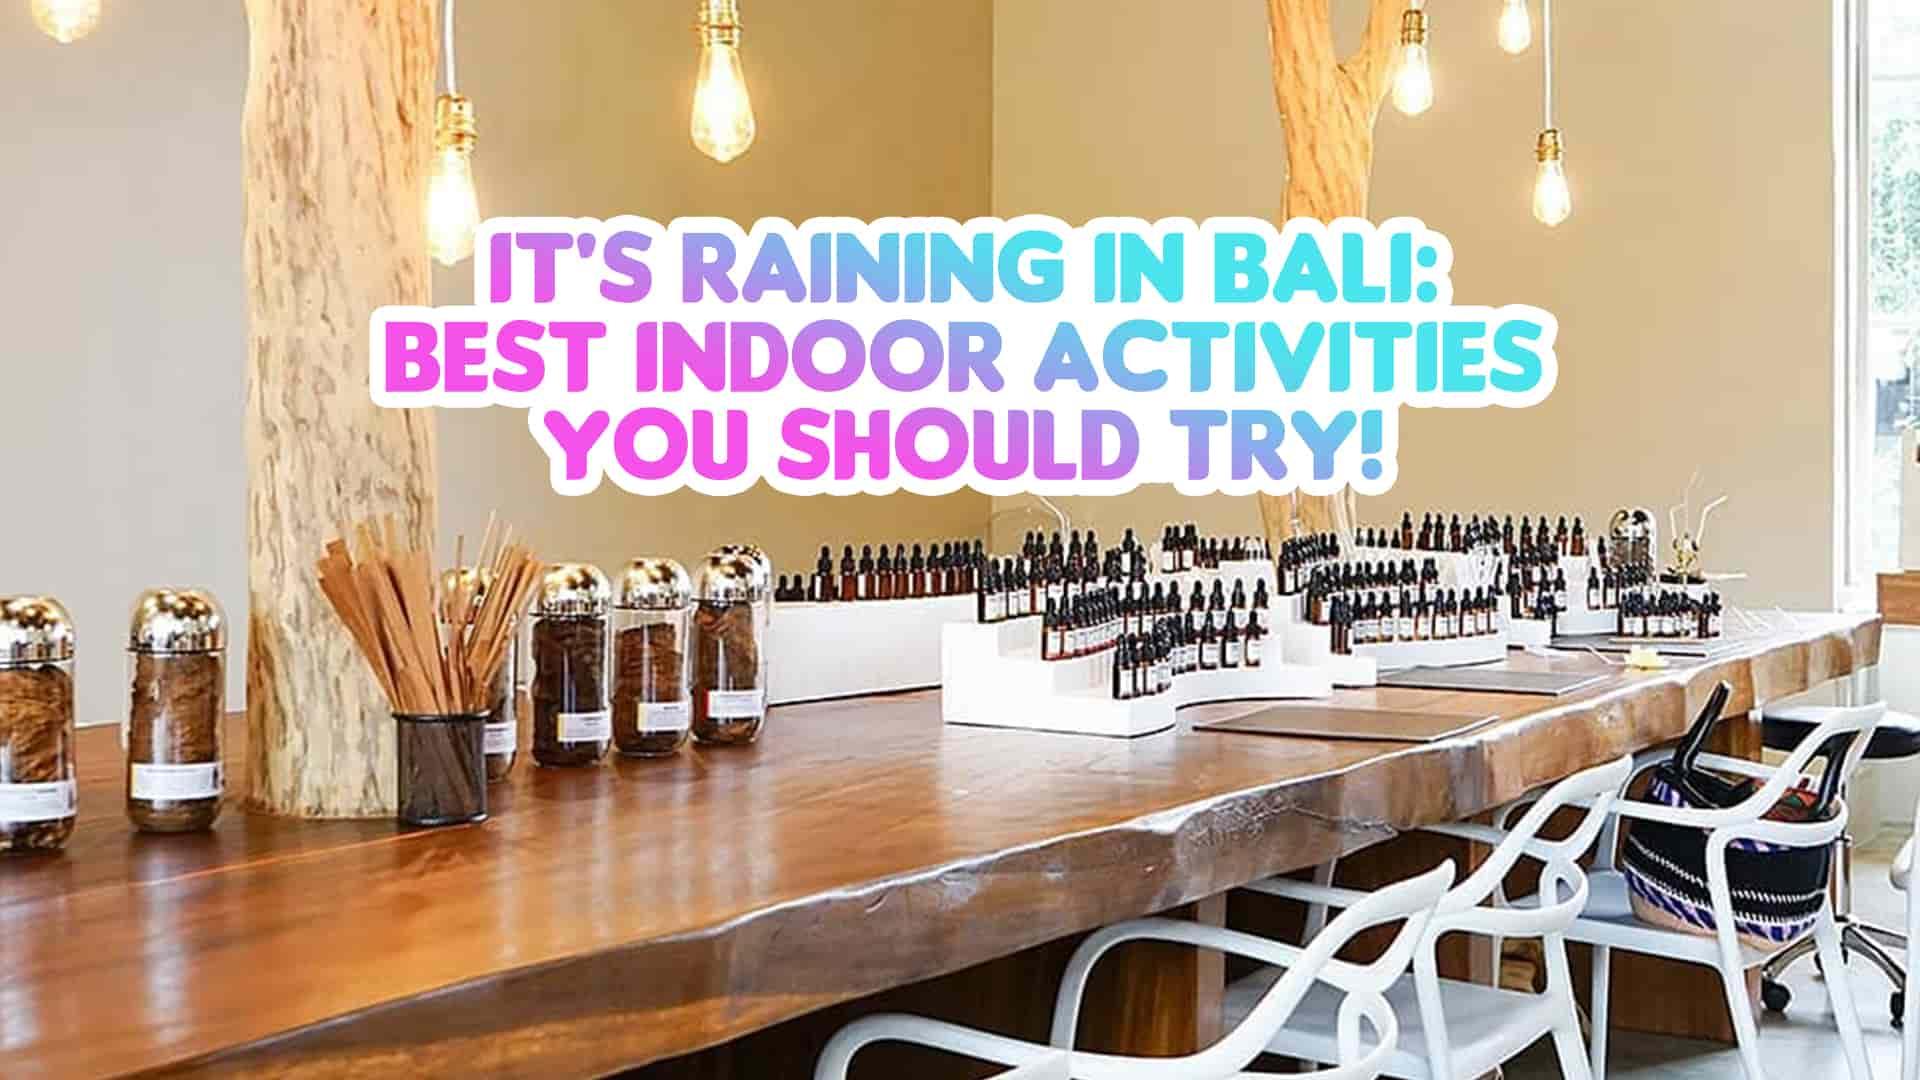 indoor activities in bali when it's raining